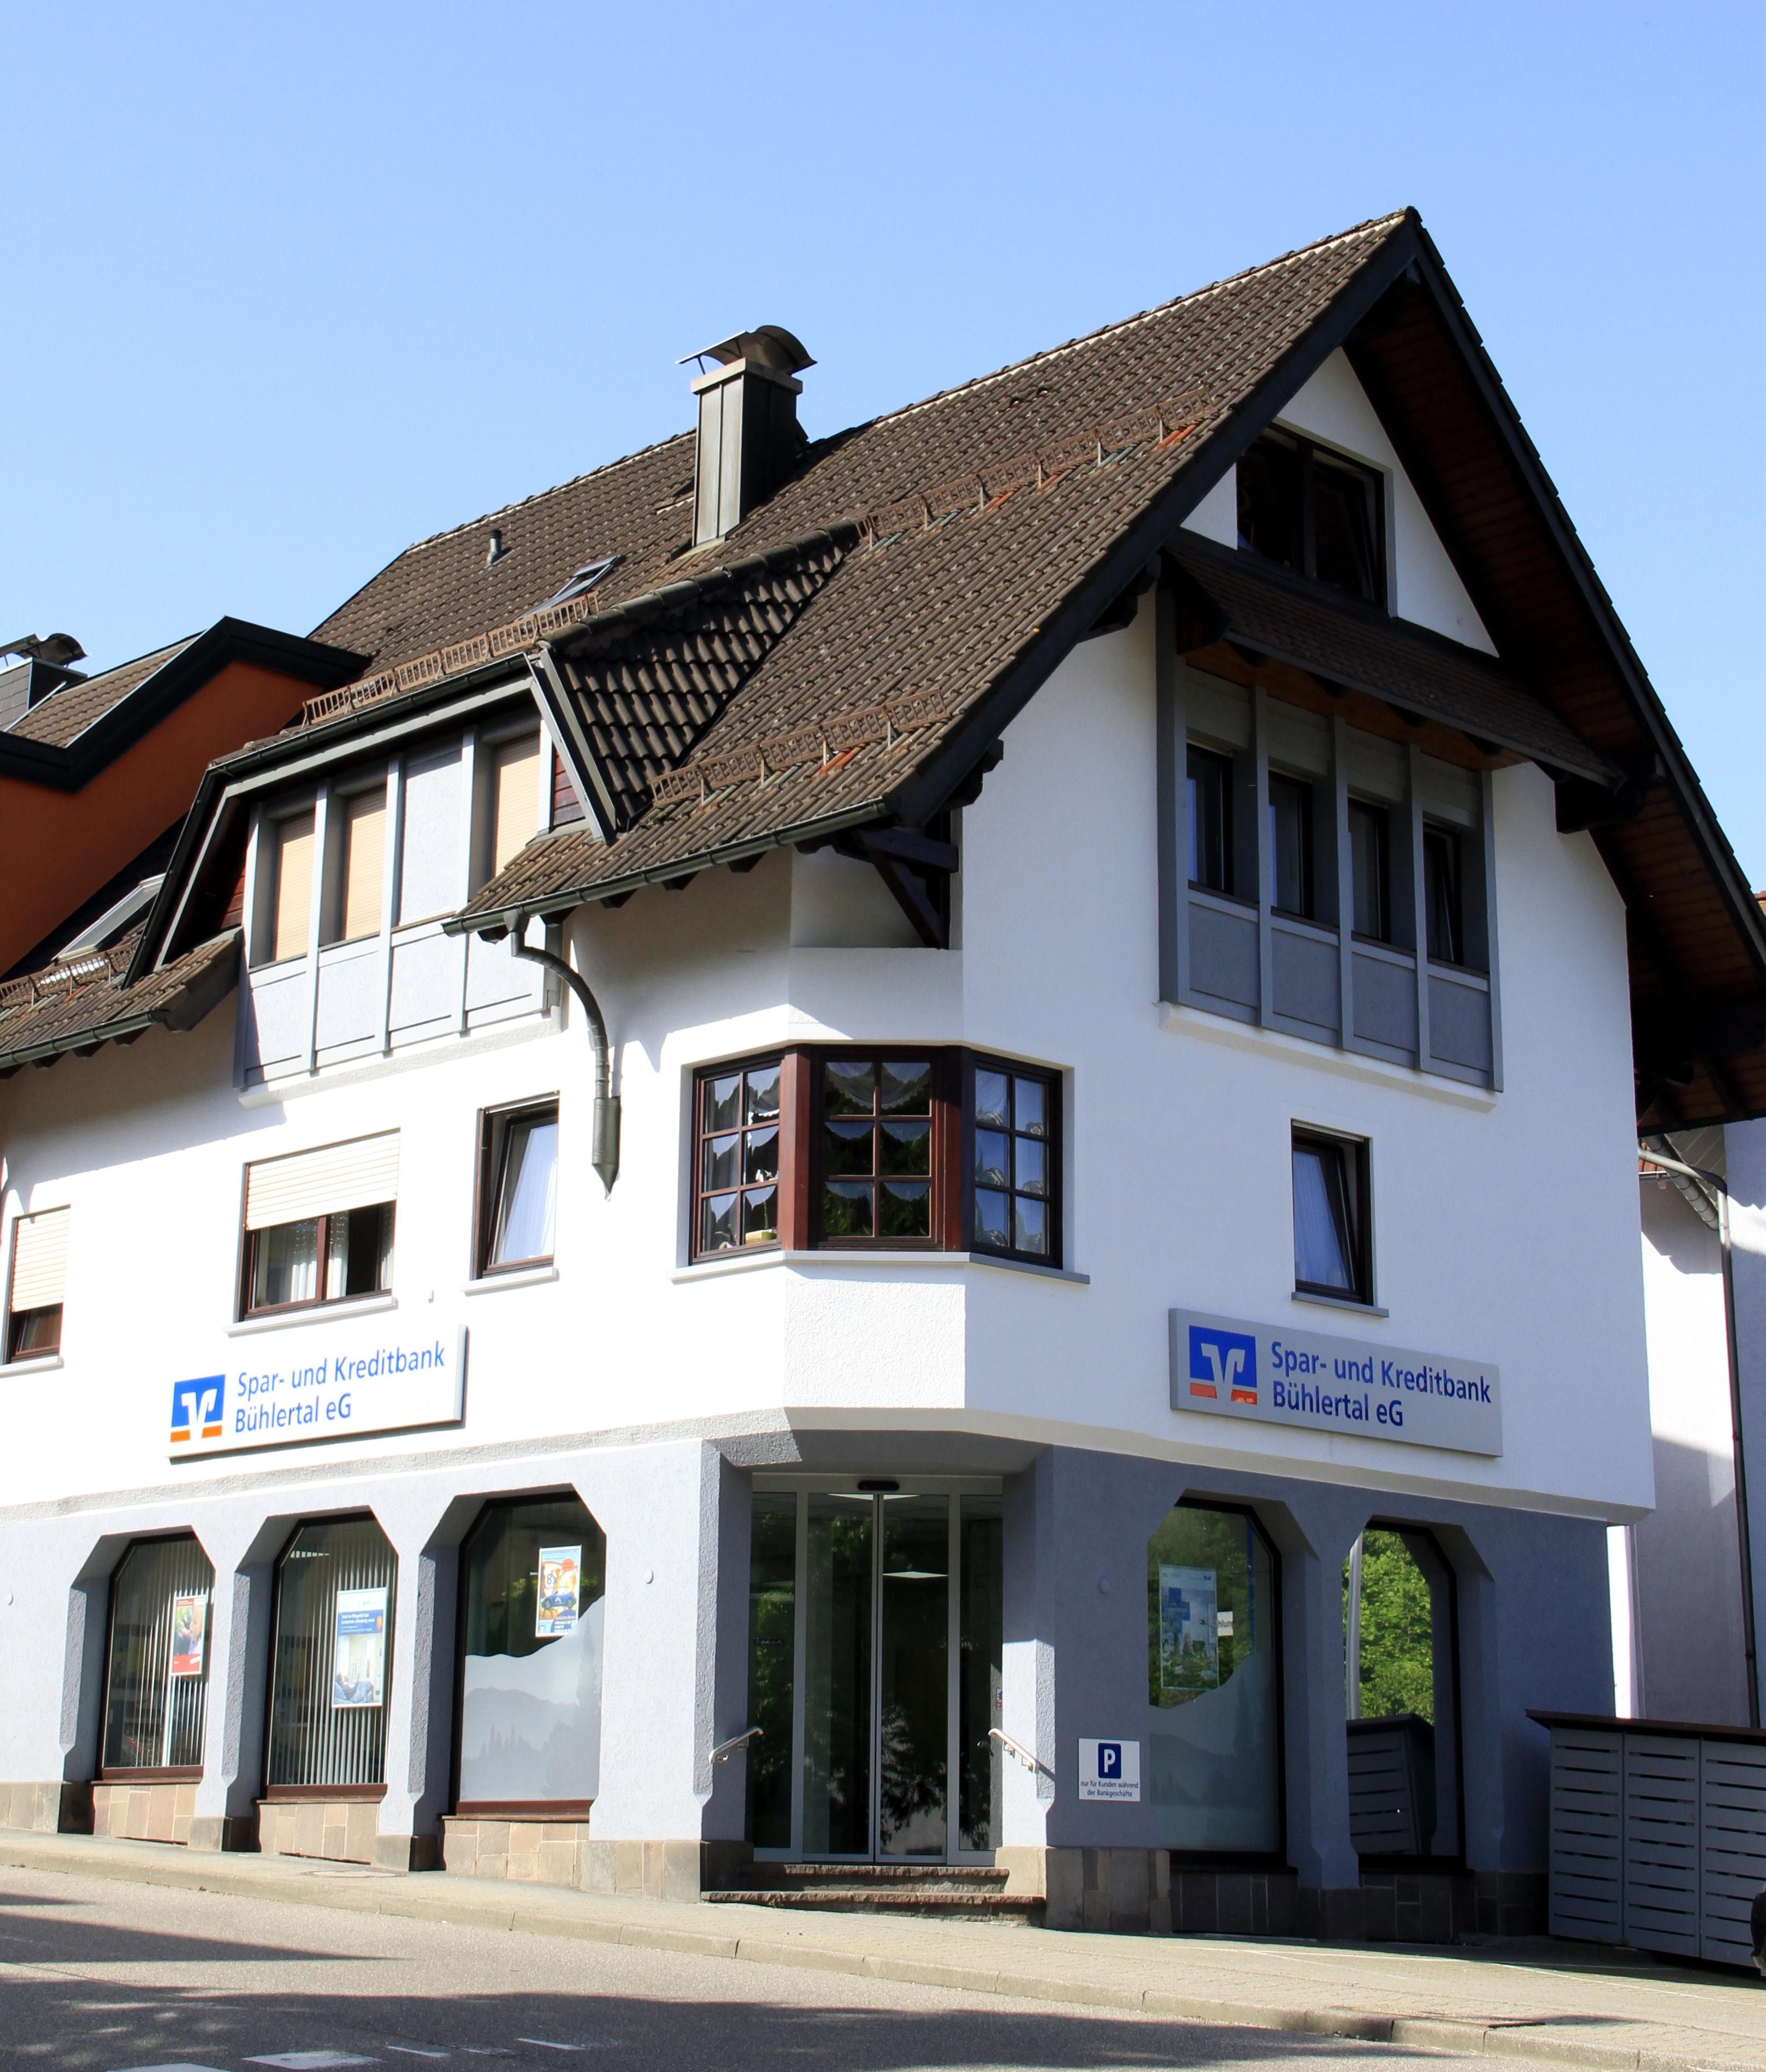 Spar- und Kreditbank Bühlertal, Spar- und Kreditbank Bühlertal eG, Hauptstraße 138, 77830 Bühlertal Obertal